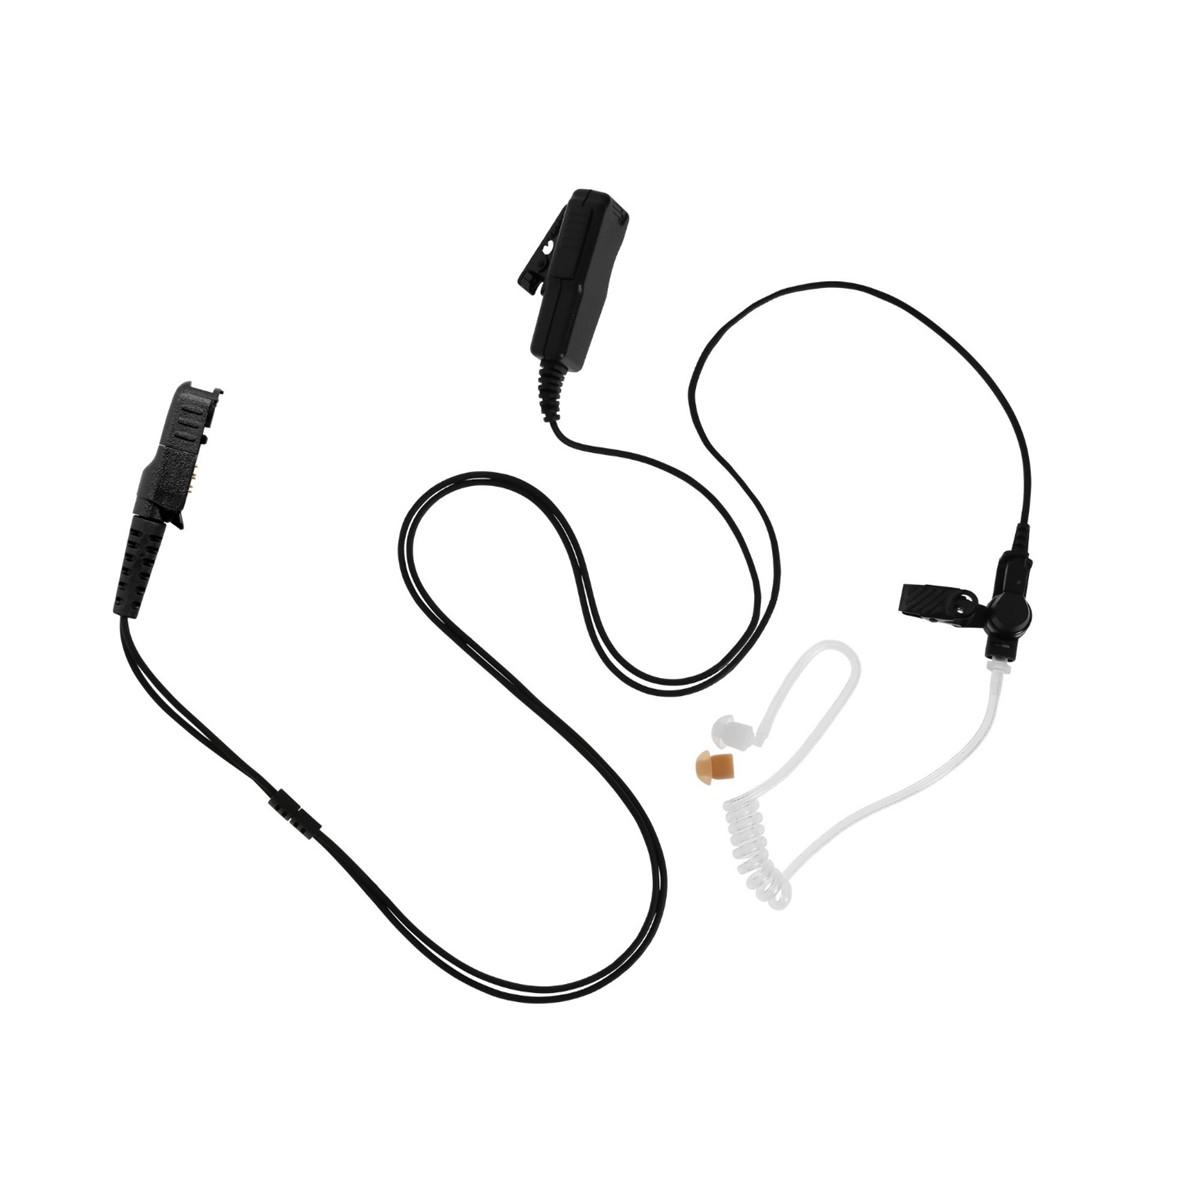 Auricular Motorola manos libres PMLN7269A tipo escolta